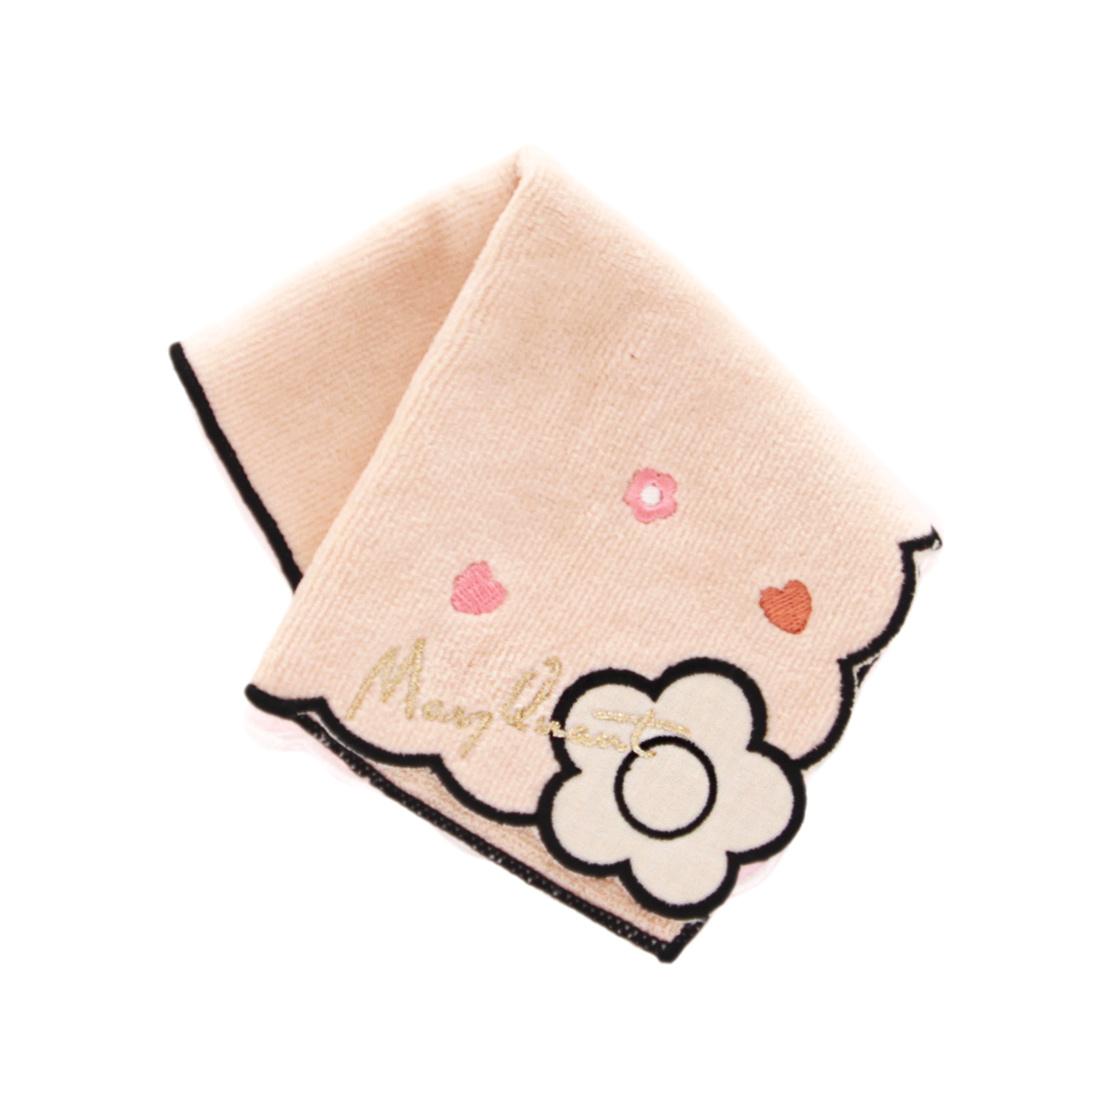 MARY QUANT マリークワント マリクワ ベージュ 日本全国 送料無料 1501 ミニタオルハンカチ マリークヮント 安心の定価販売